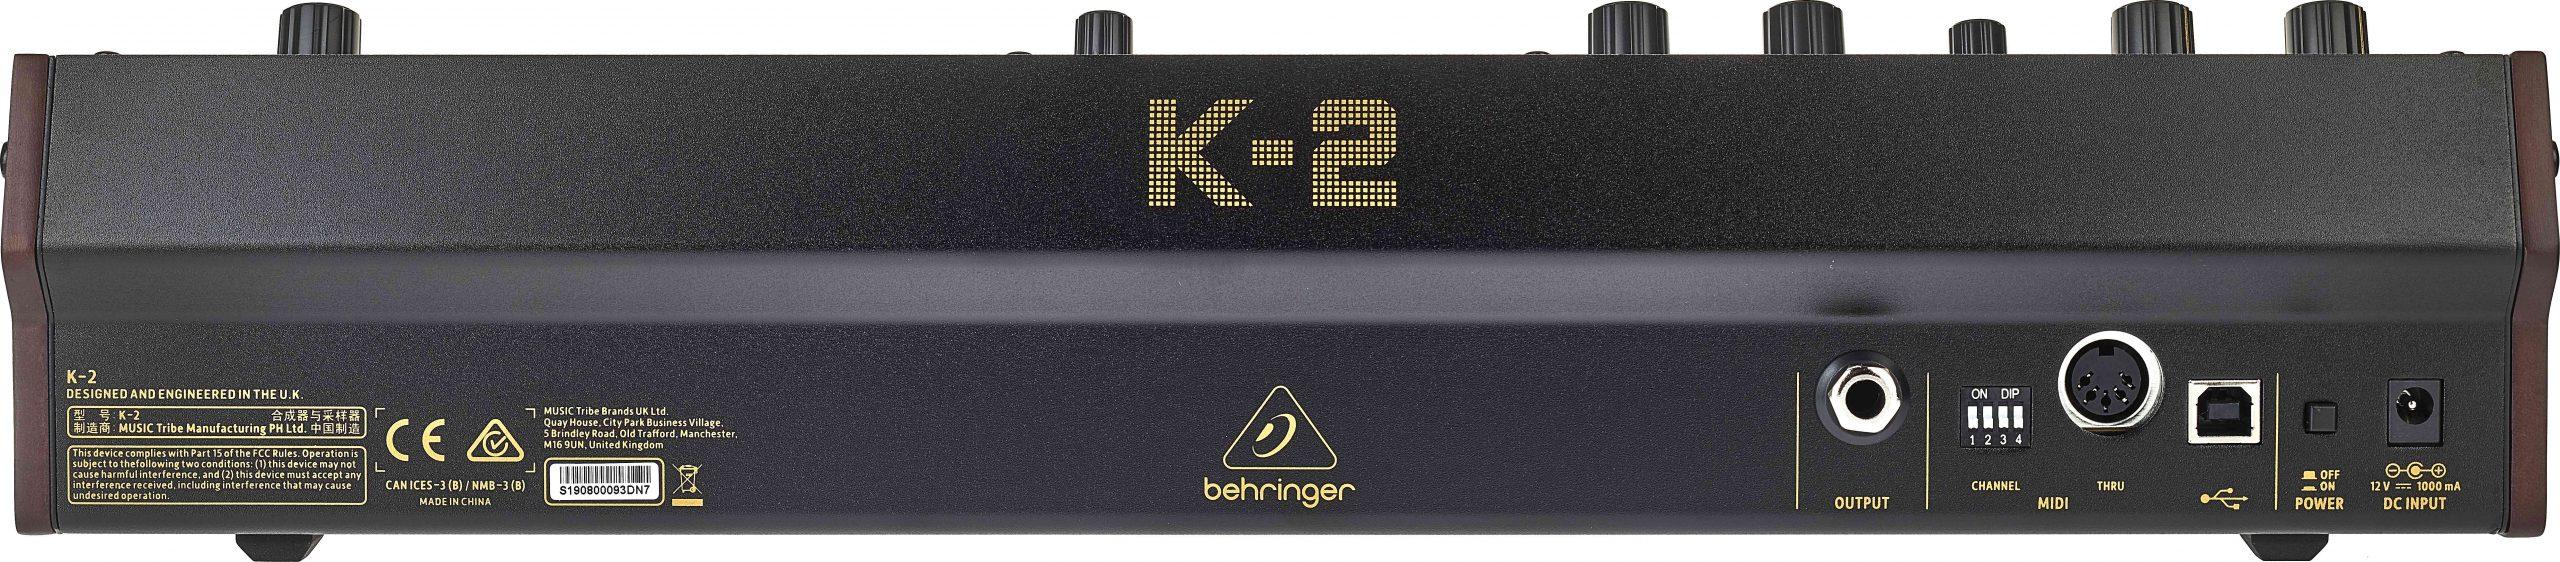 Behringer K-2 Anschlüsse.